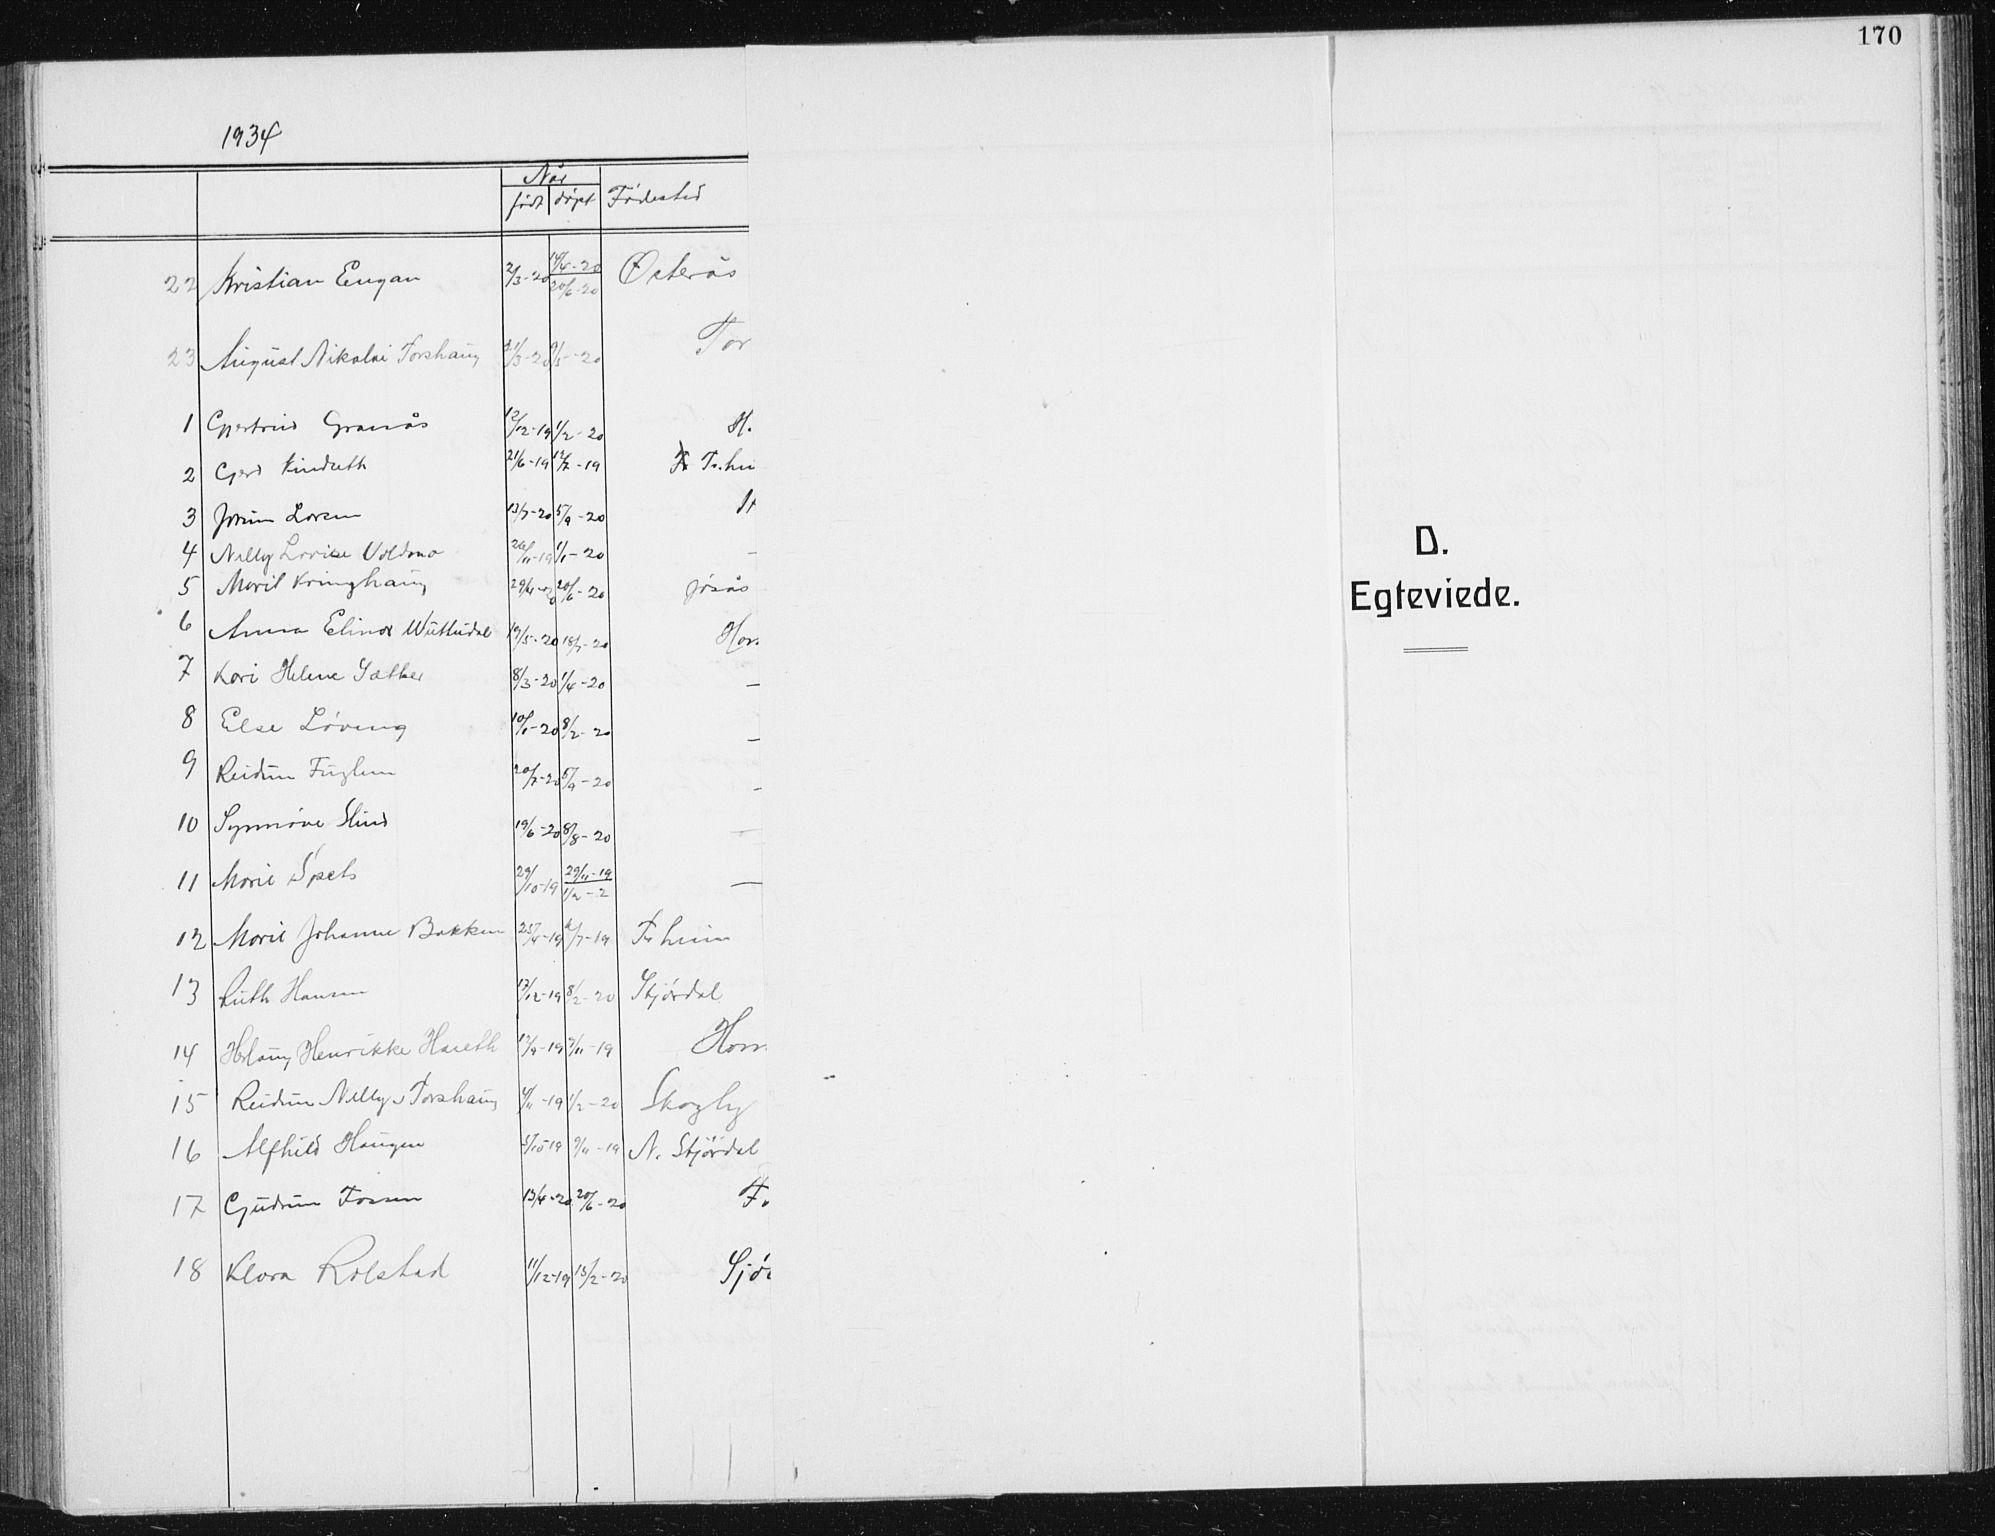 SAT, Ministerialprotokoller, klokkerbøker og fødselsregistre - Sør-Trøndelag, 617/L0431: Klokkerbok nr. 617C02, 1910-1936, s. 170